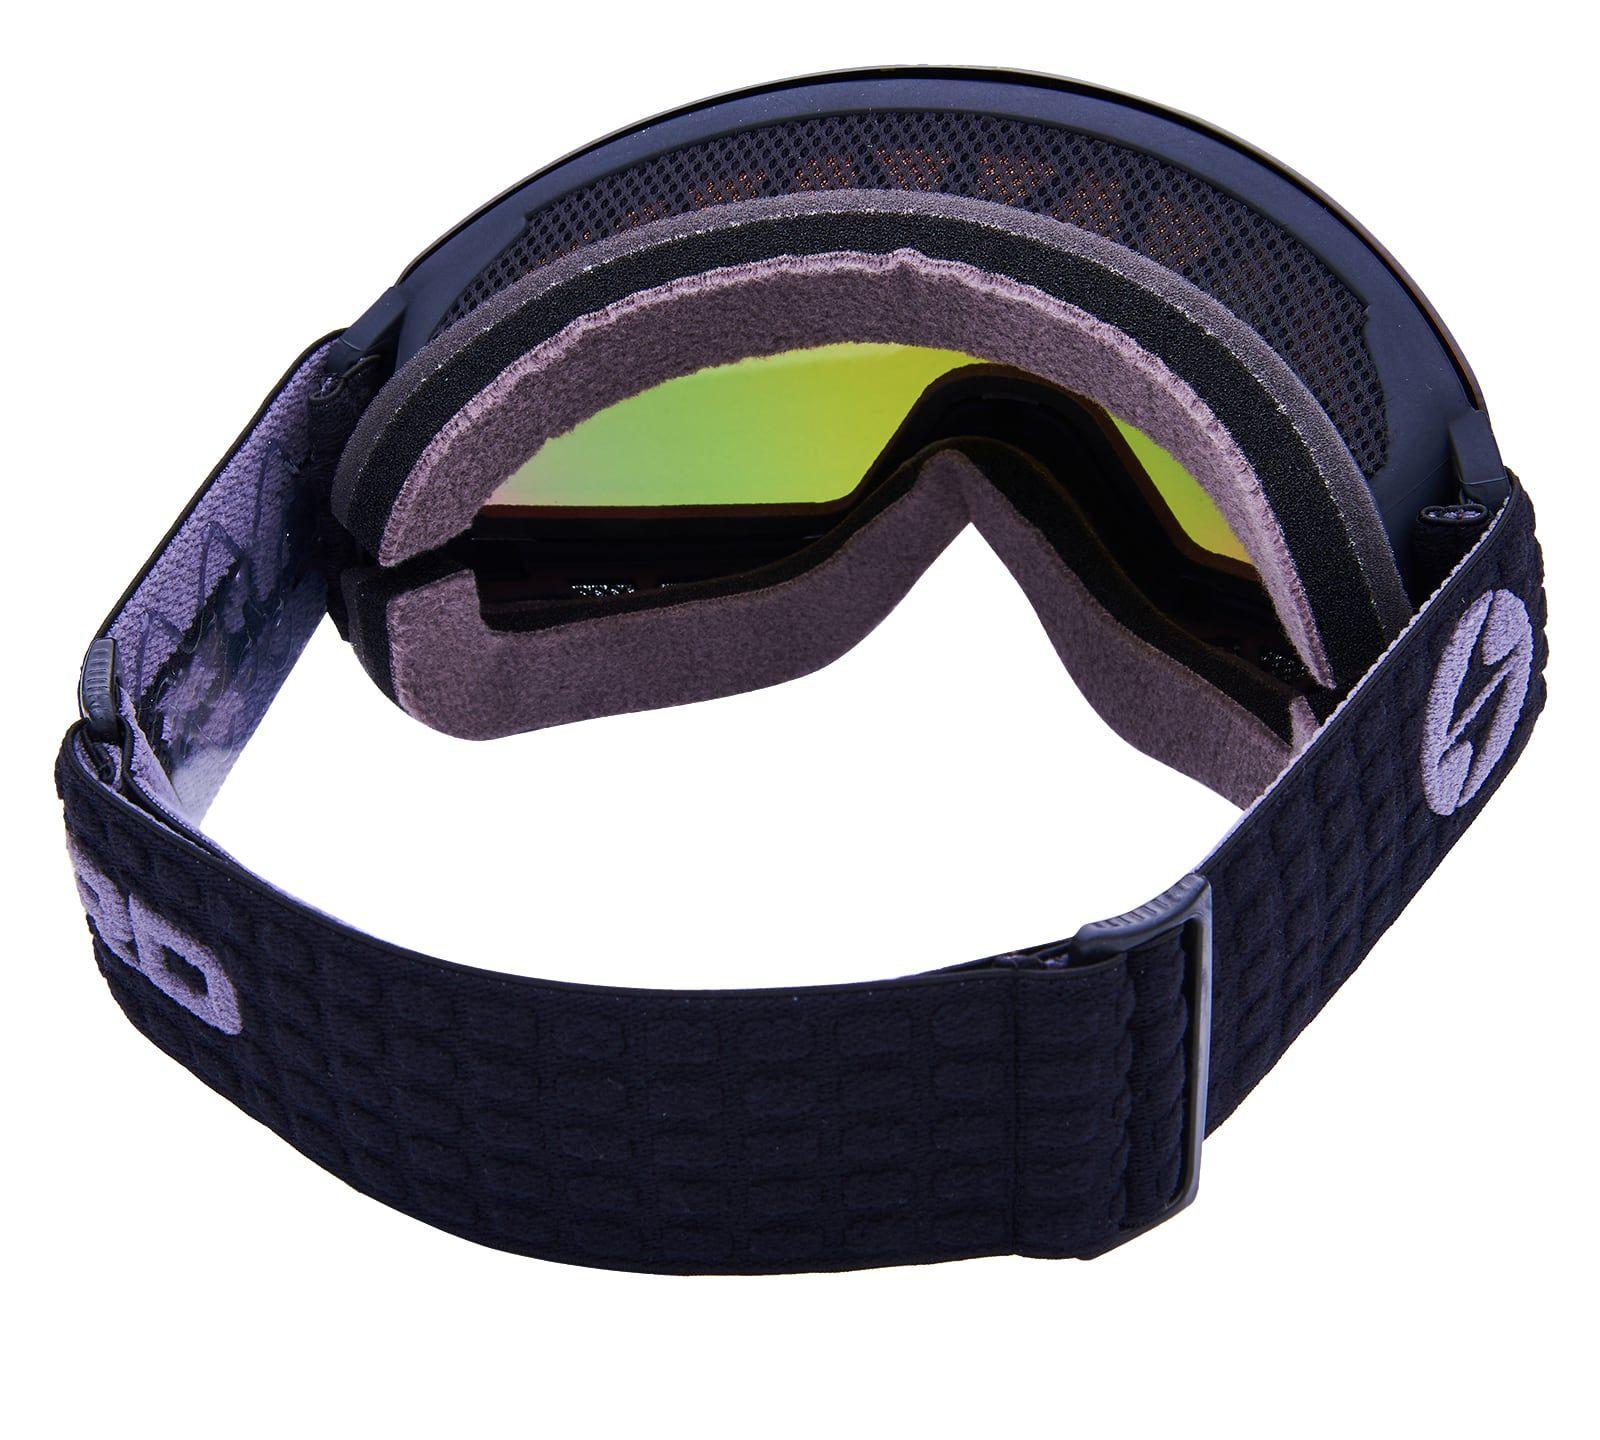 BLIZ Ski Gog. 932 MDAZWO, black , orange2, red REVO SONAR